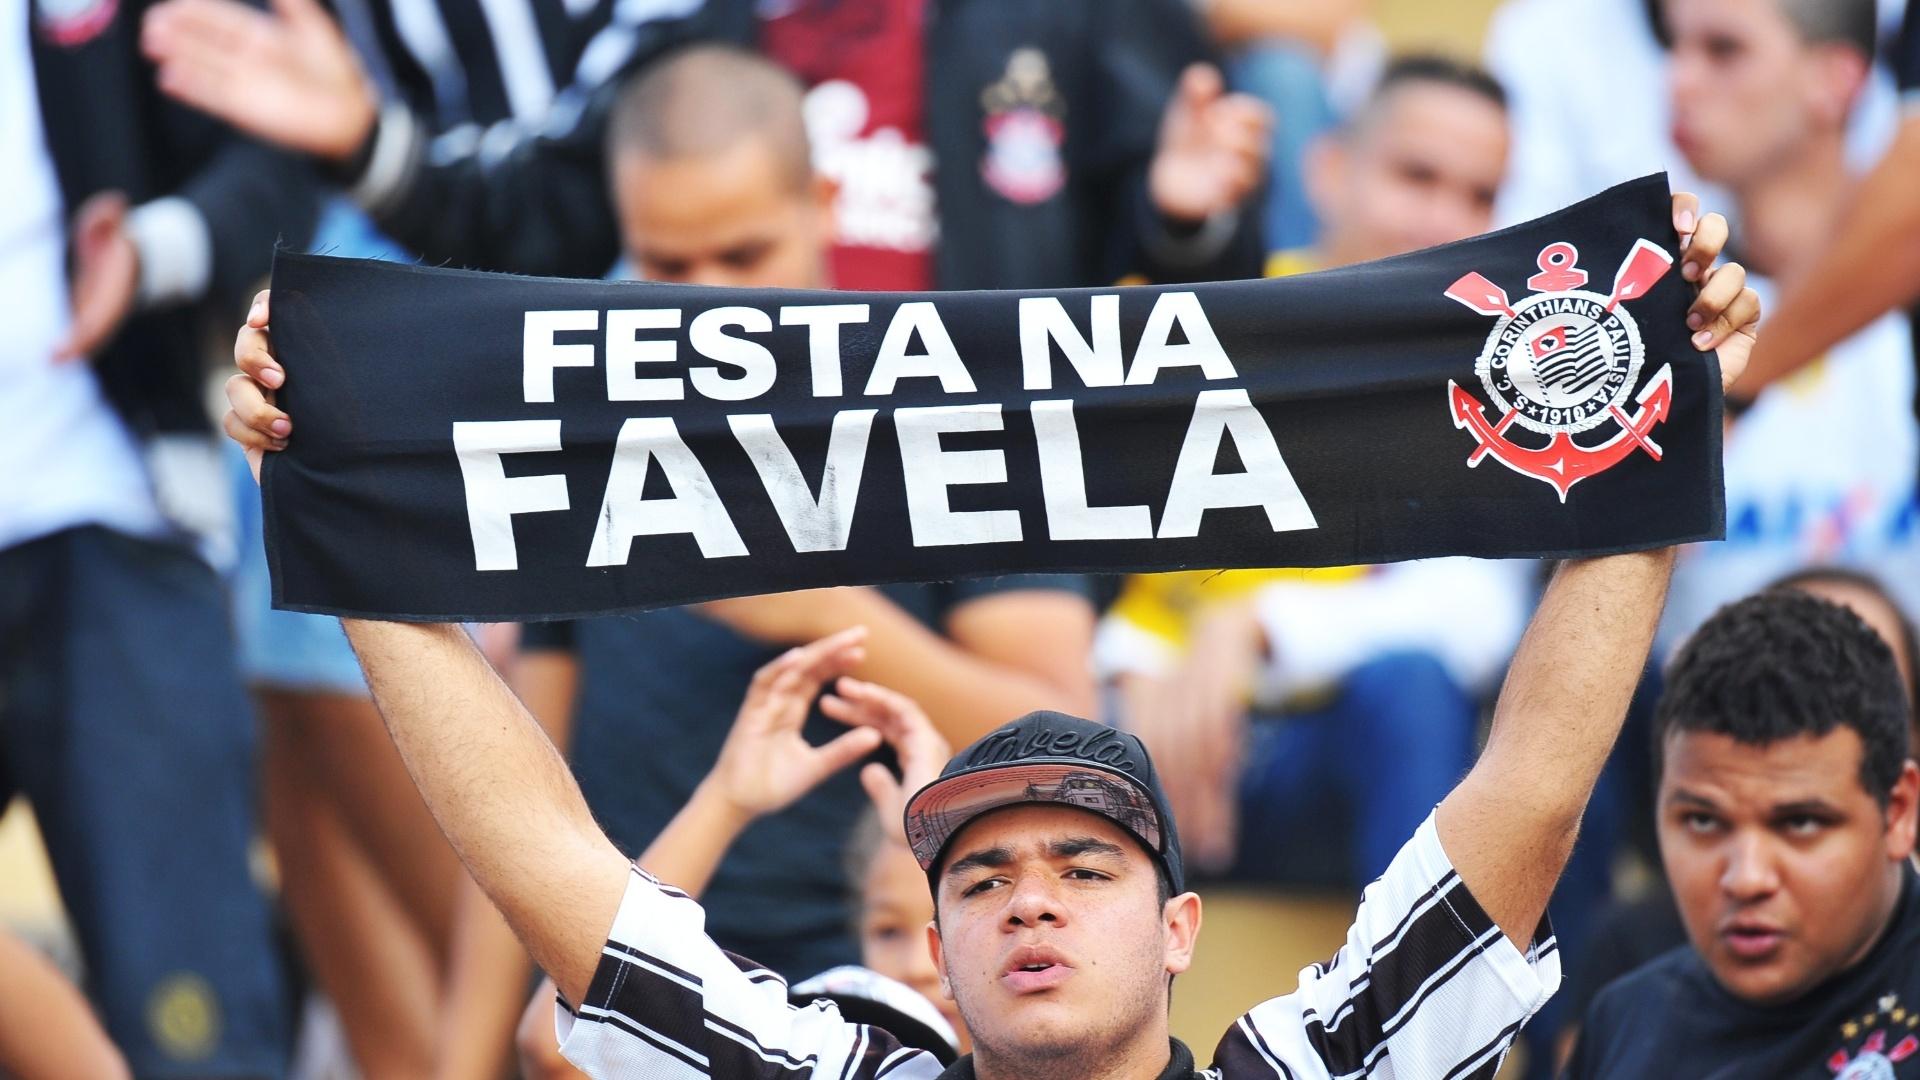 Torcedor corintiano vai em peso ao Pacaembu para o duelo contra o Flamengo, pelo Campeonato Brasileiro 27.abr.2014